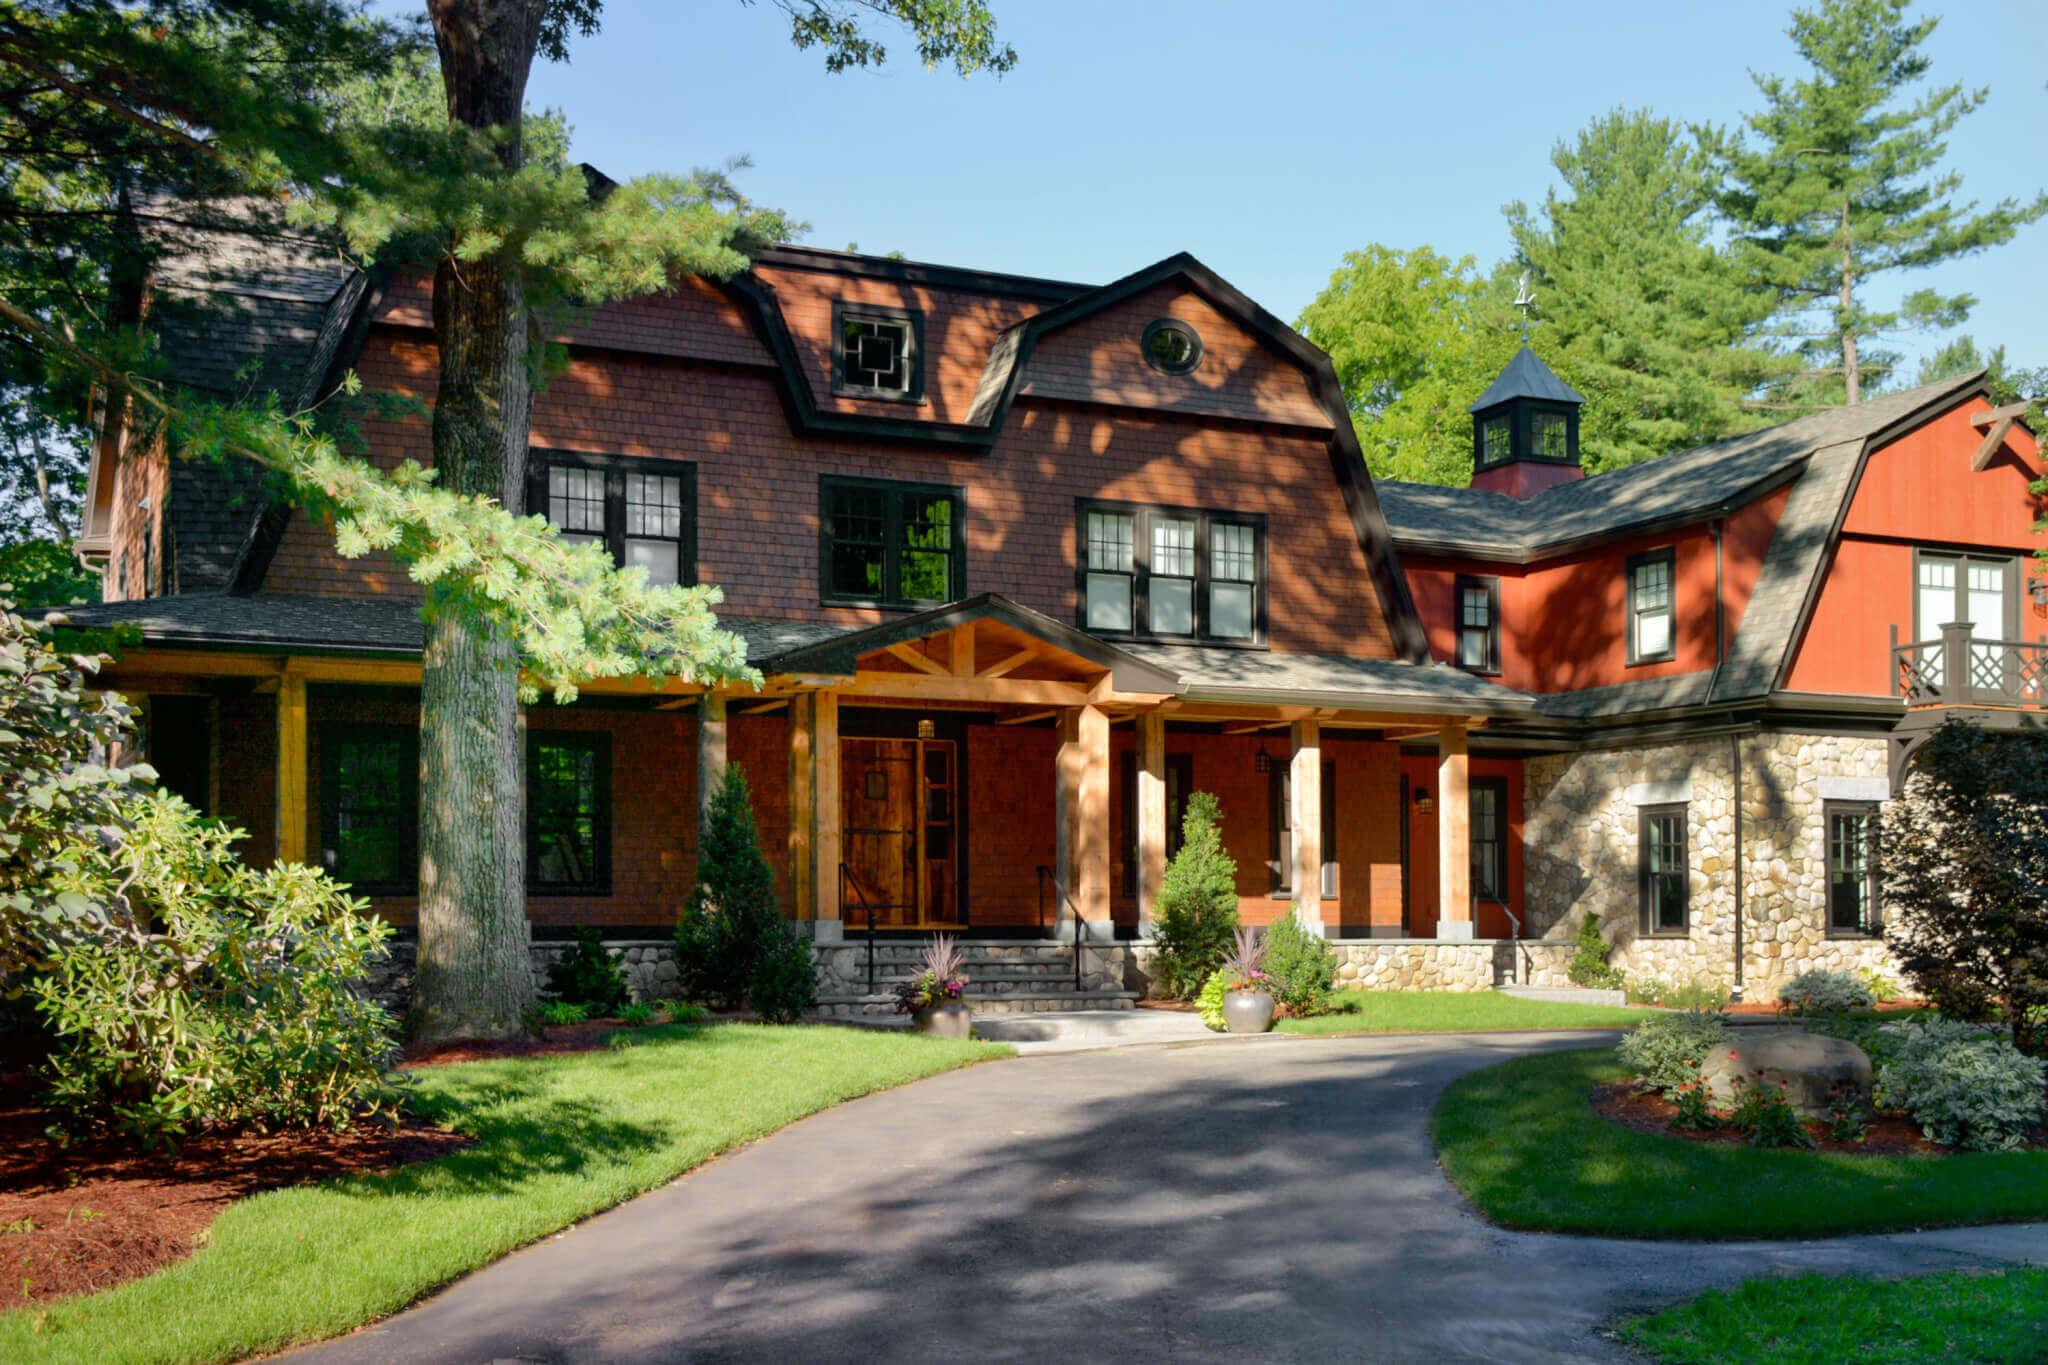 Shingle Style House - Architect